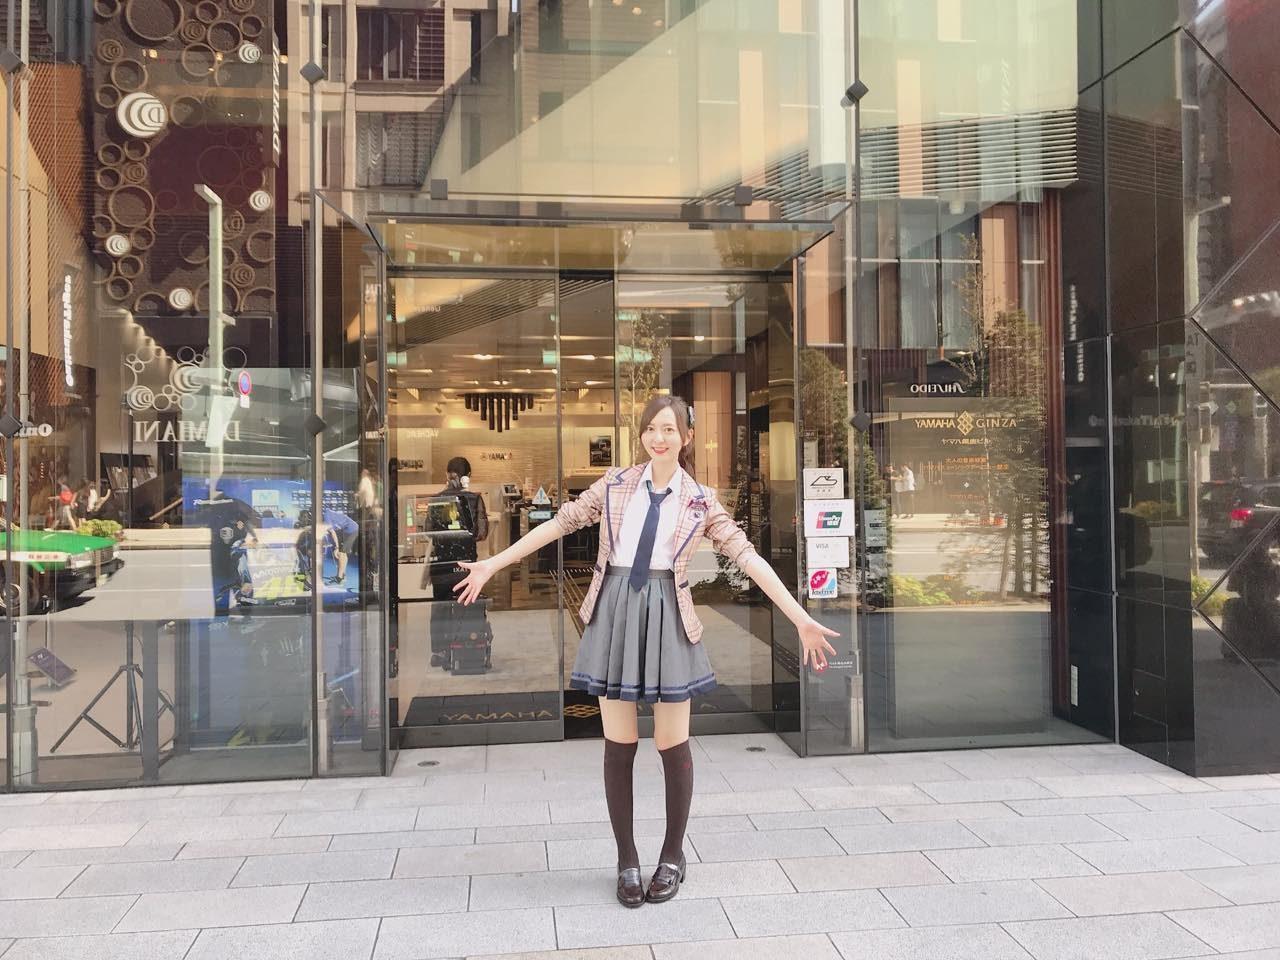 HKT48森保まどか「1億人の大質問!?笑ってコラえて!」サイレントピアノのスゴさを体験! [11/14 19:56~]